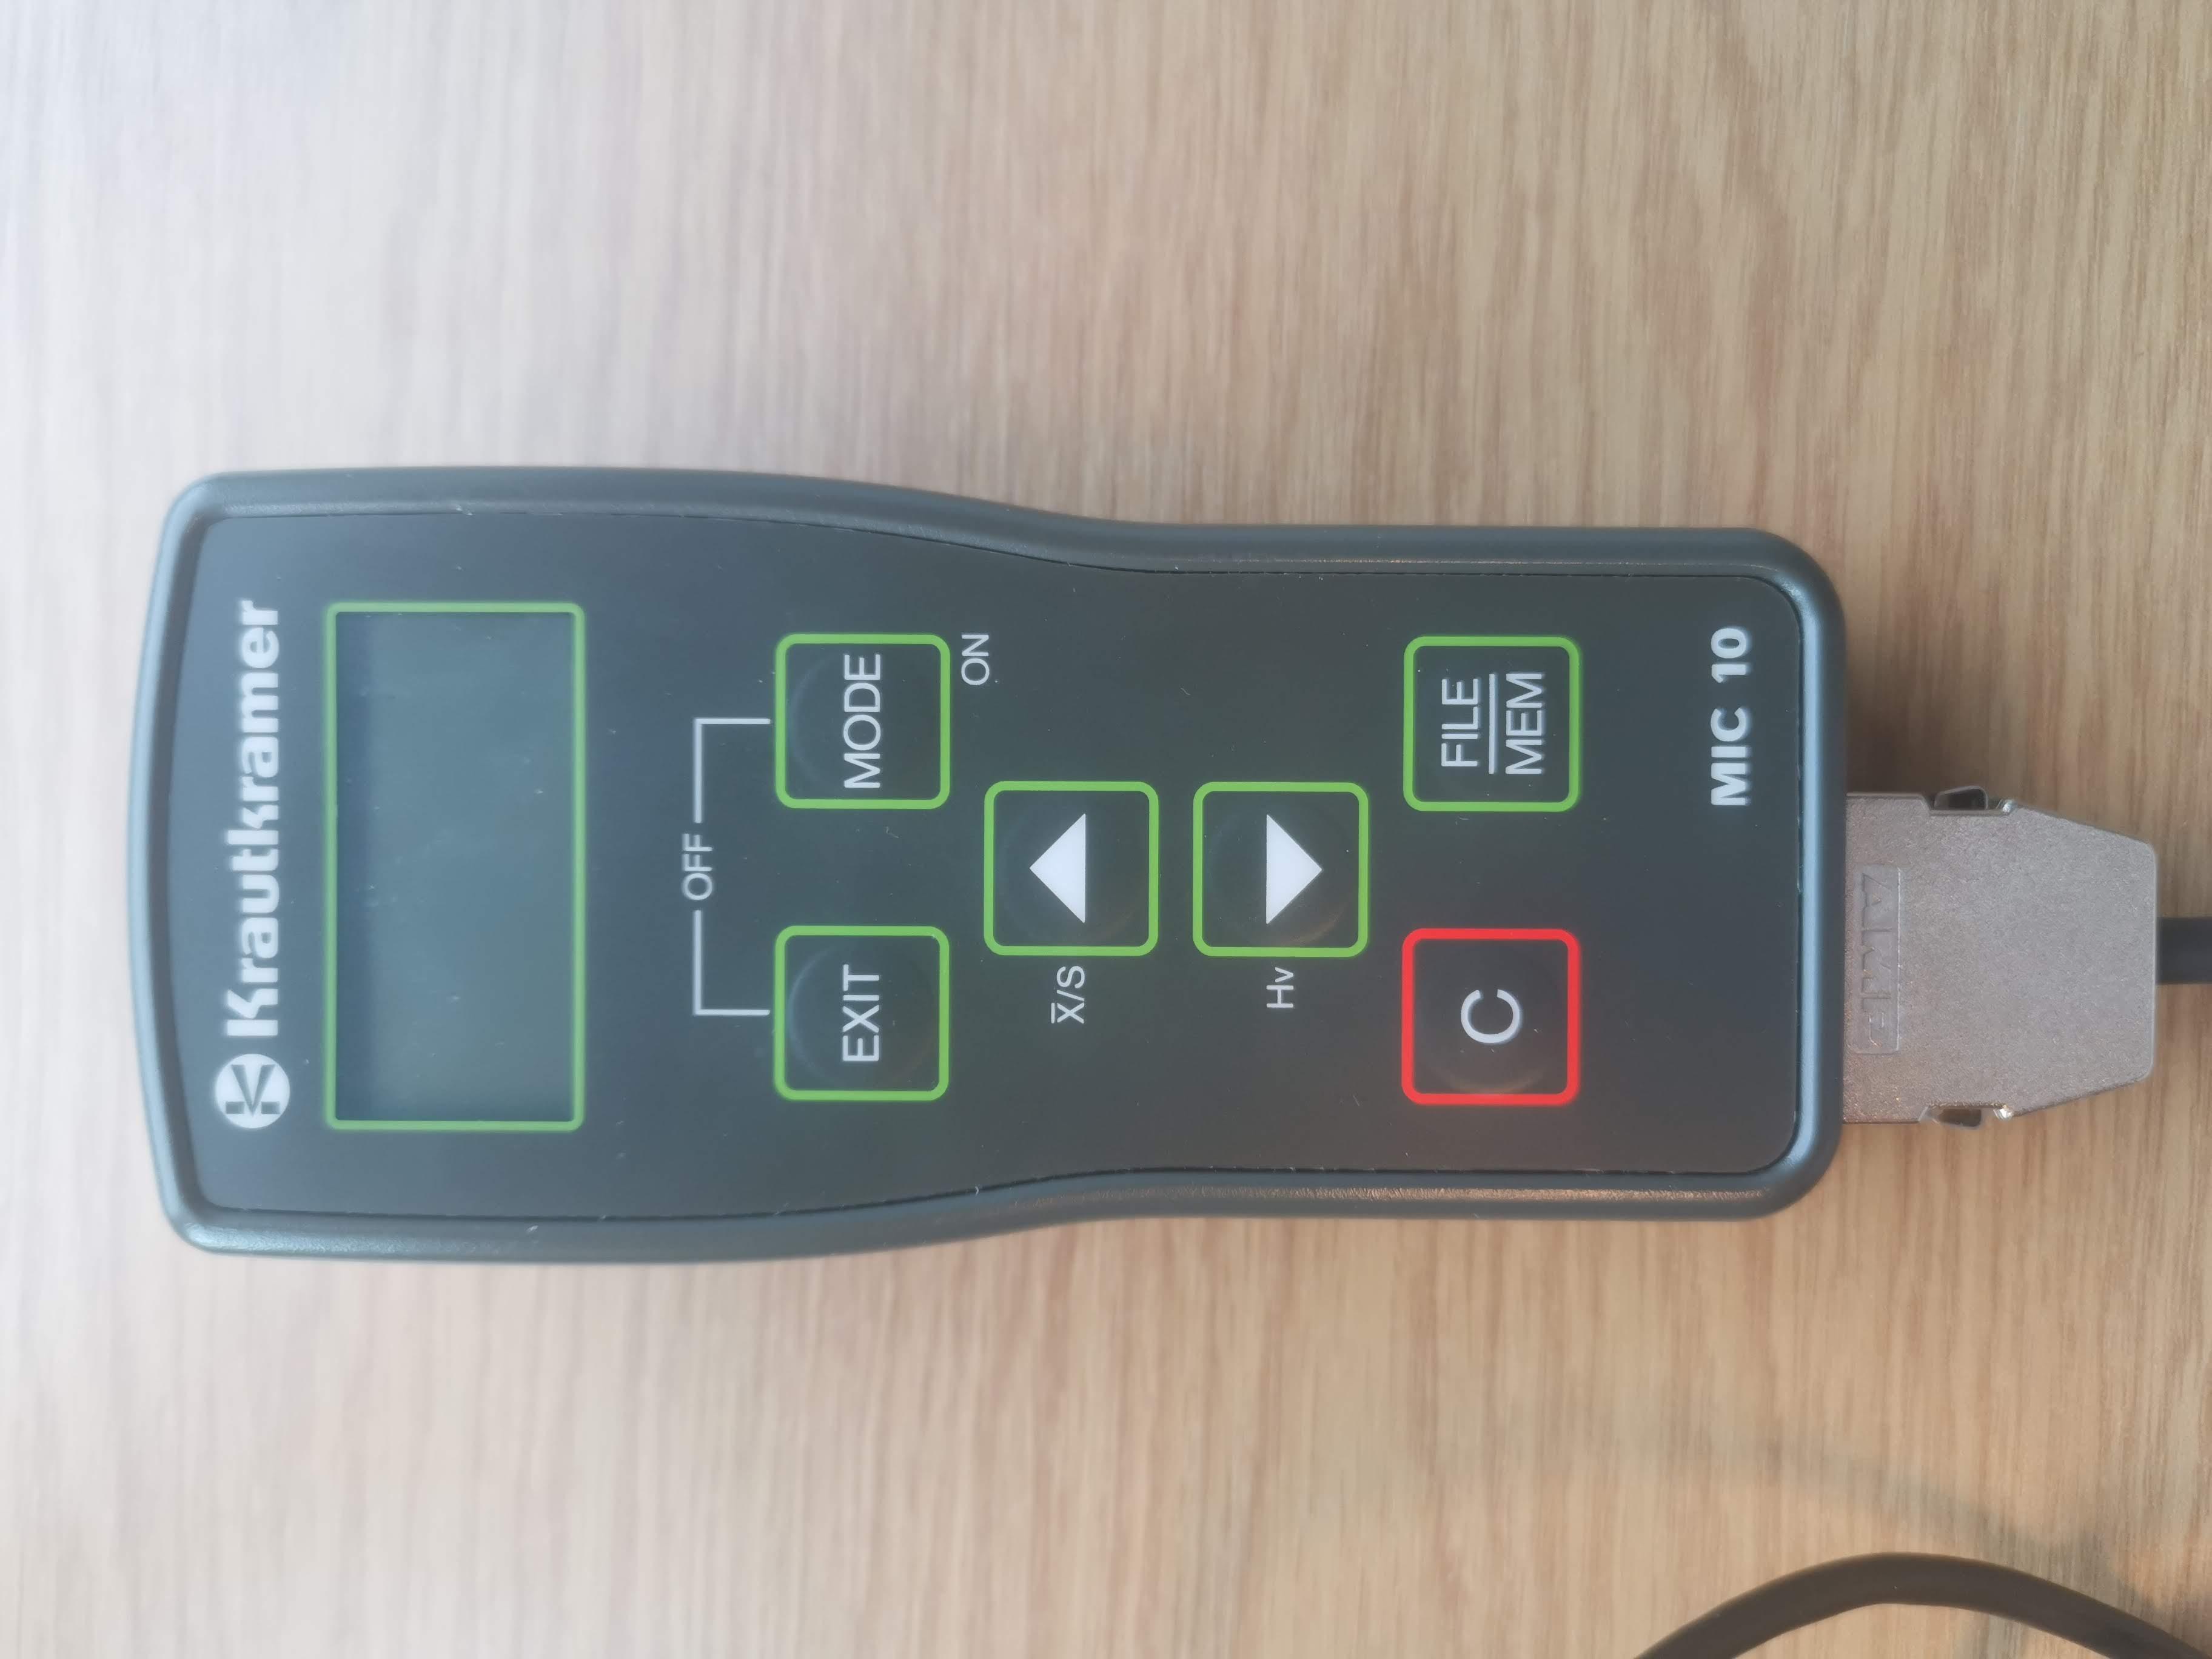 Ultrasonic hardness tester Krautkramer MIC 10 DL